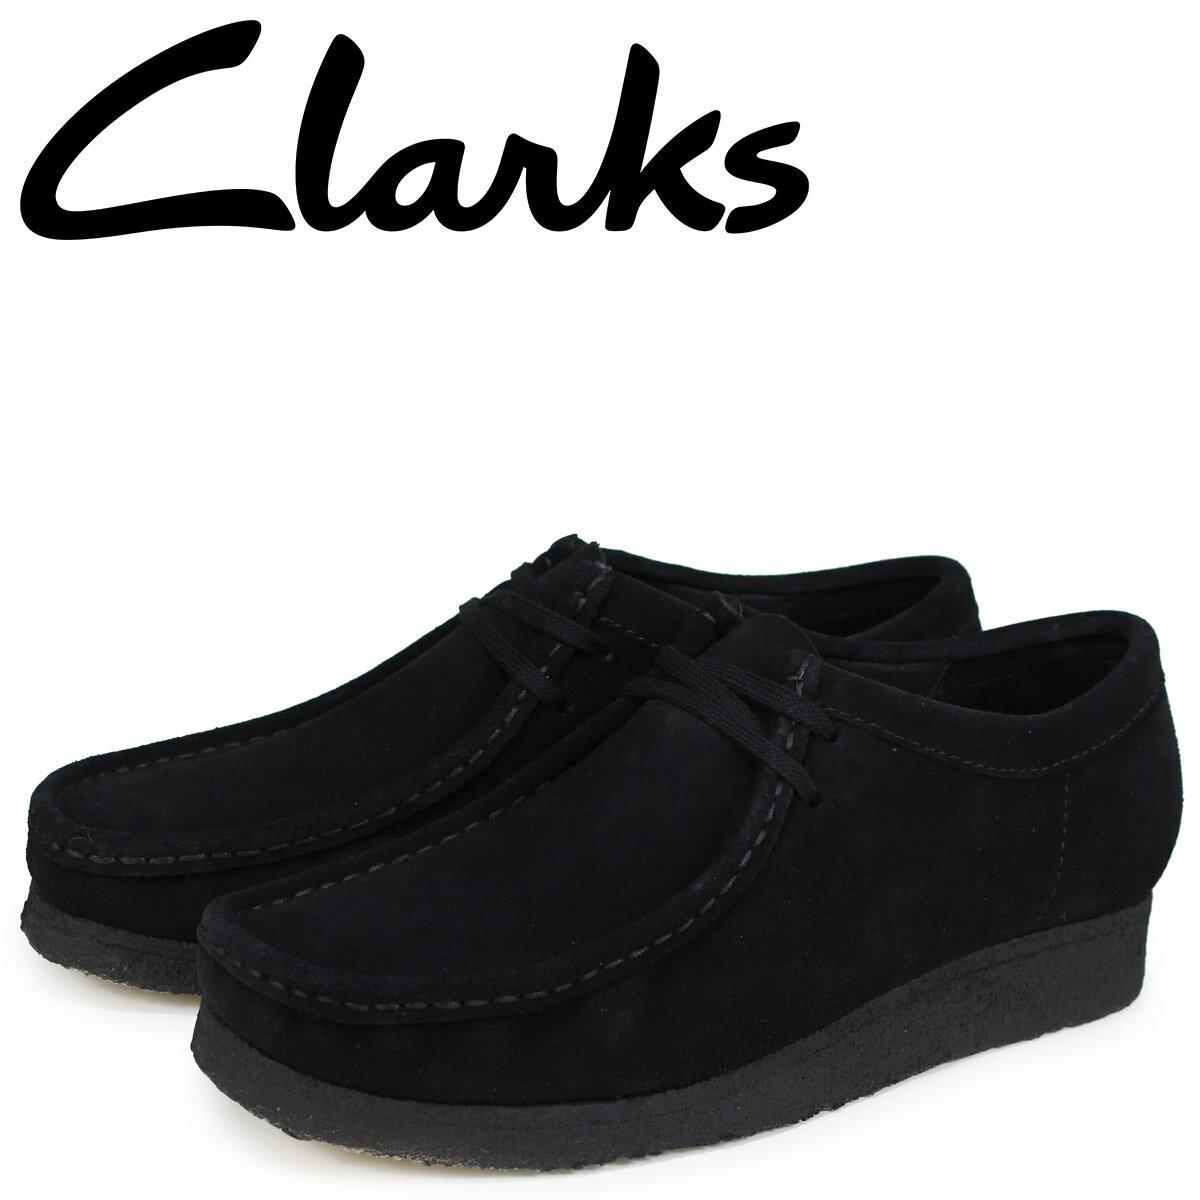 クラークス Clarks ワラビー ブーツ メンズ レディース WALLABEE スエード ブラック 26133279 [予約 10月上旬 再入荷予定]